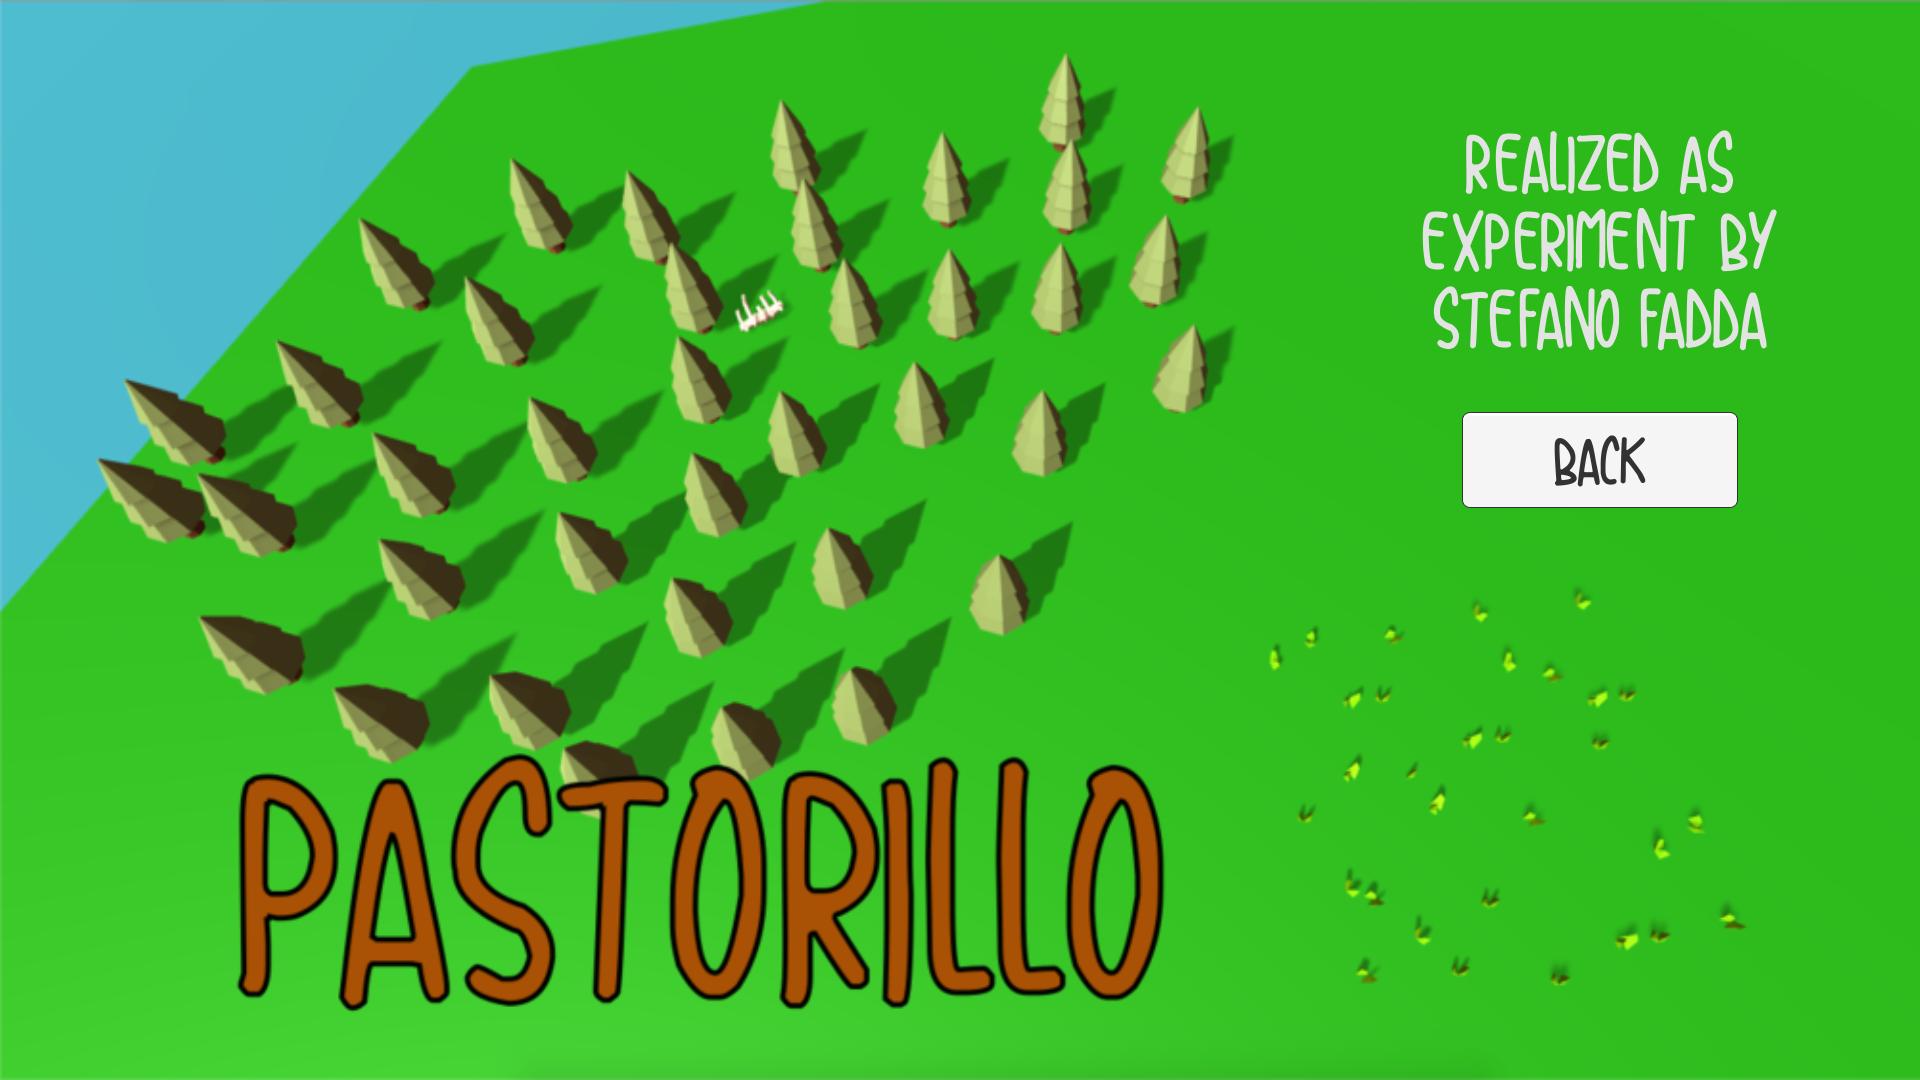 Pastorillo